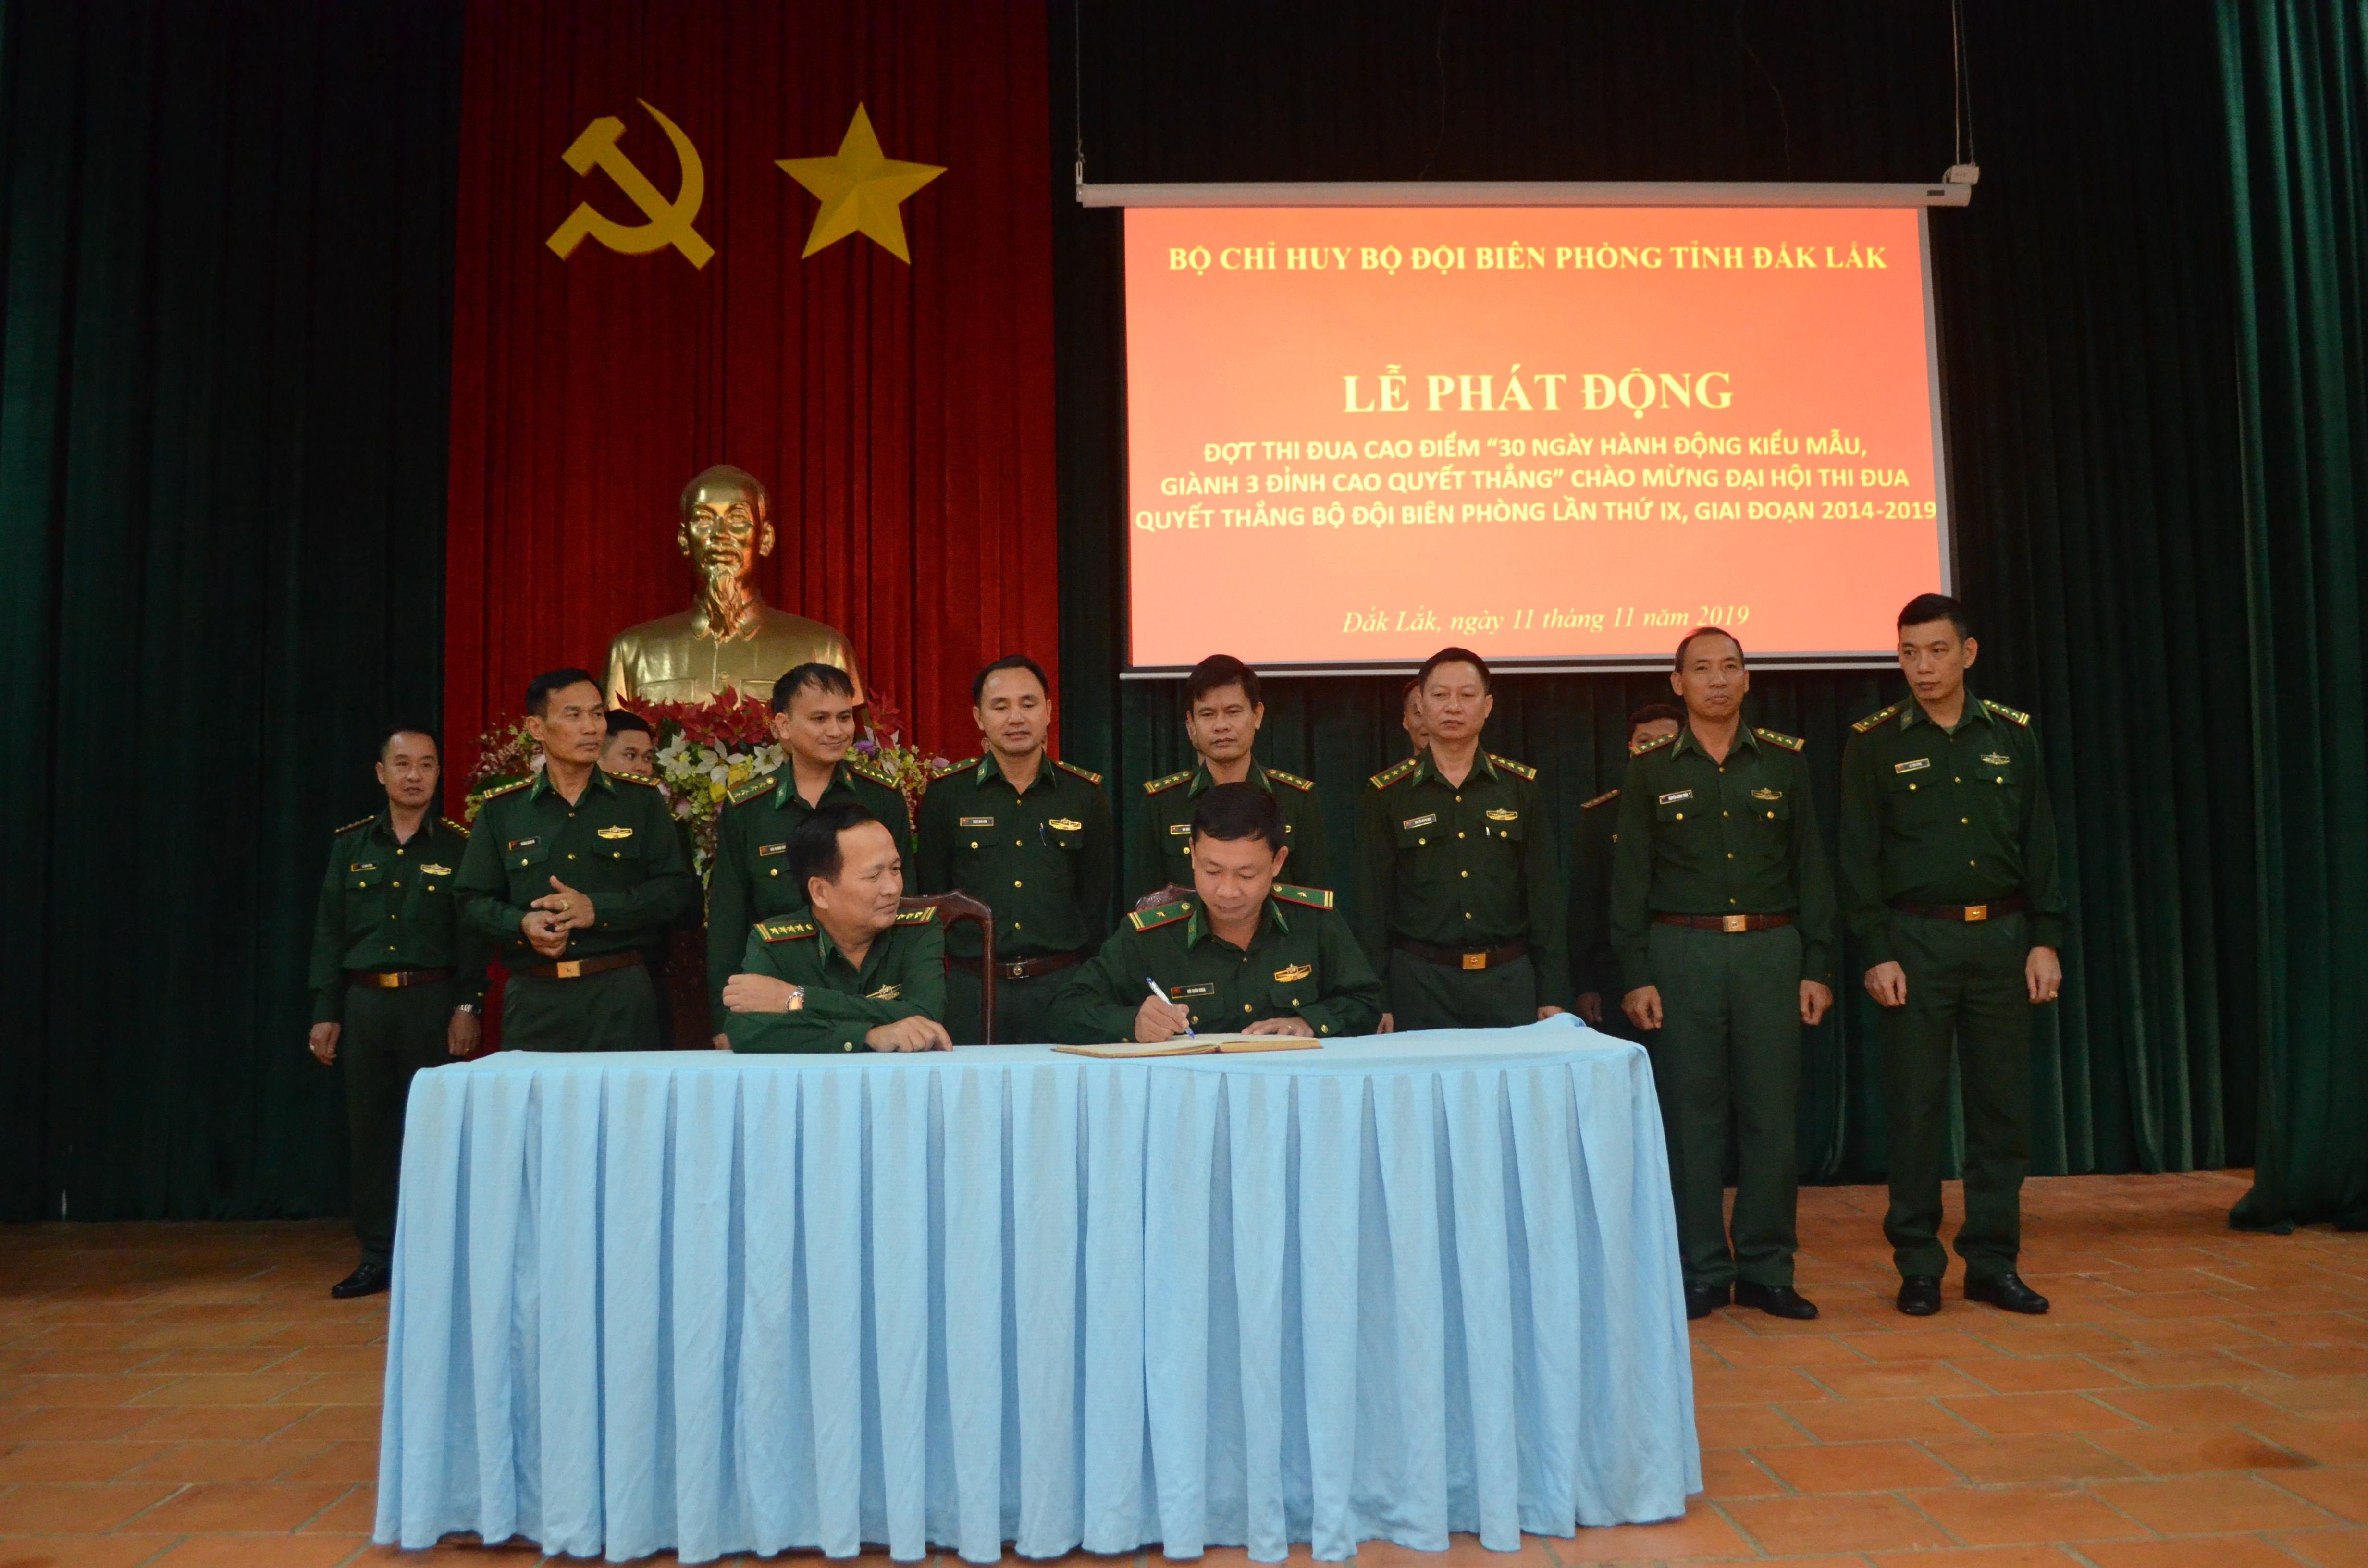 Bộ đội Biên phòng tỉnh Đắk Lắk phát động đợt thi đua cao điểm